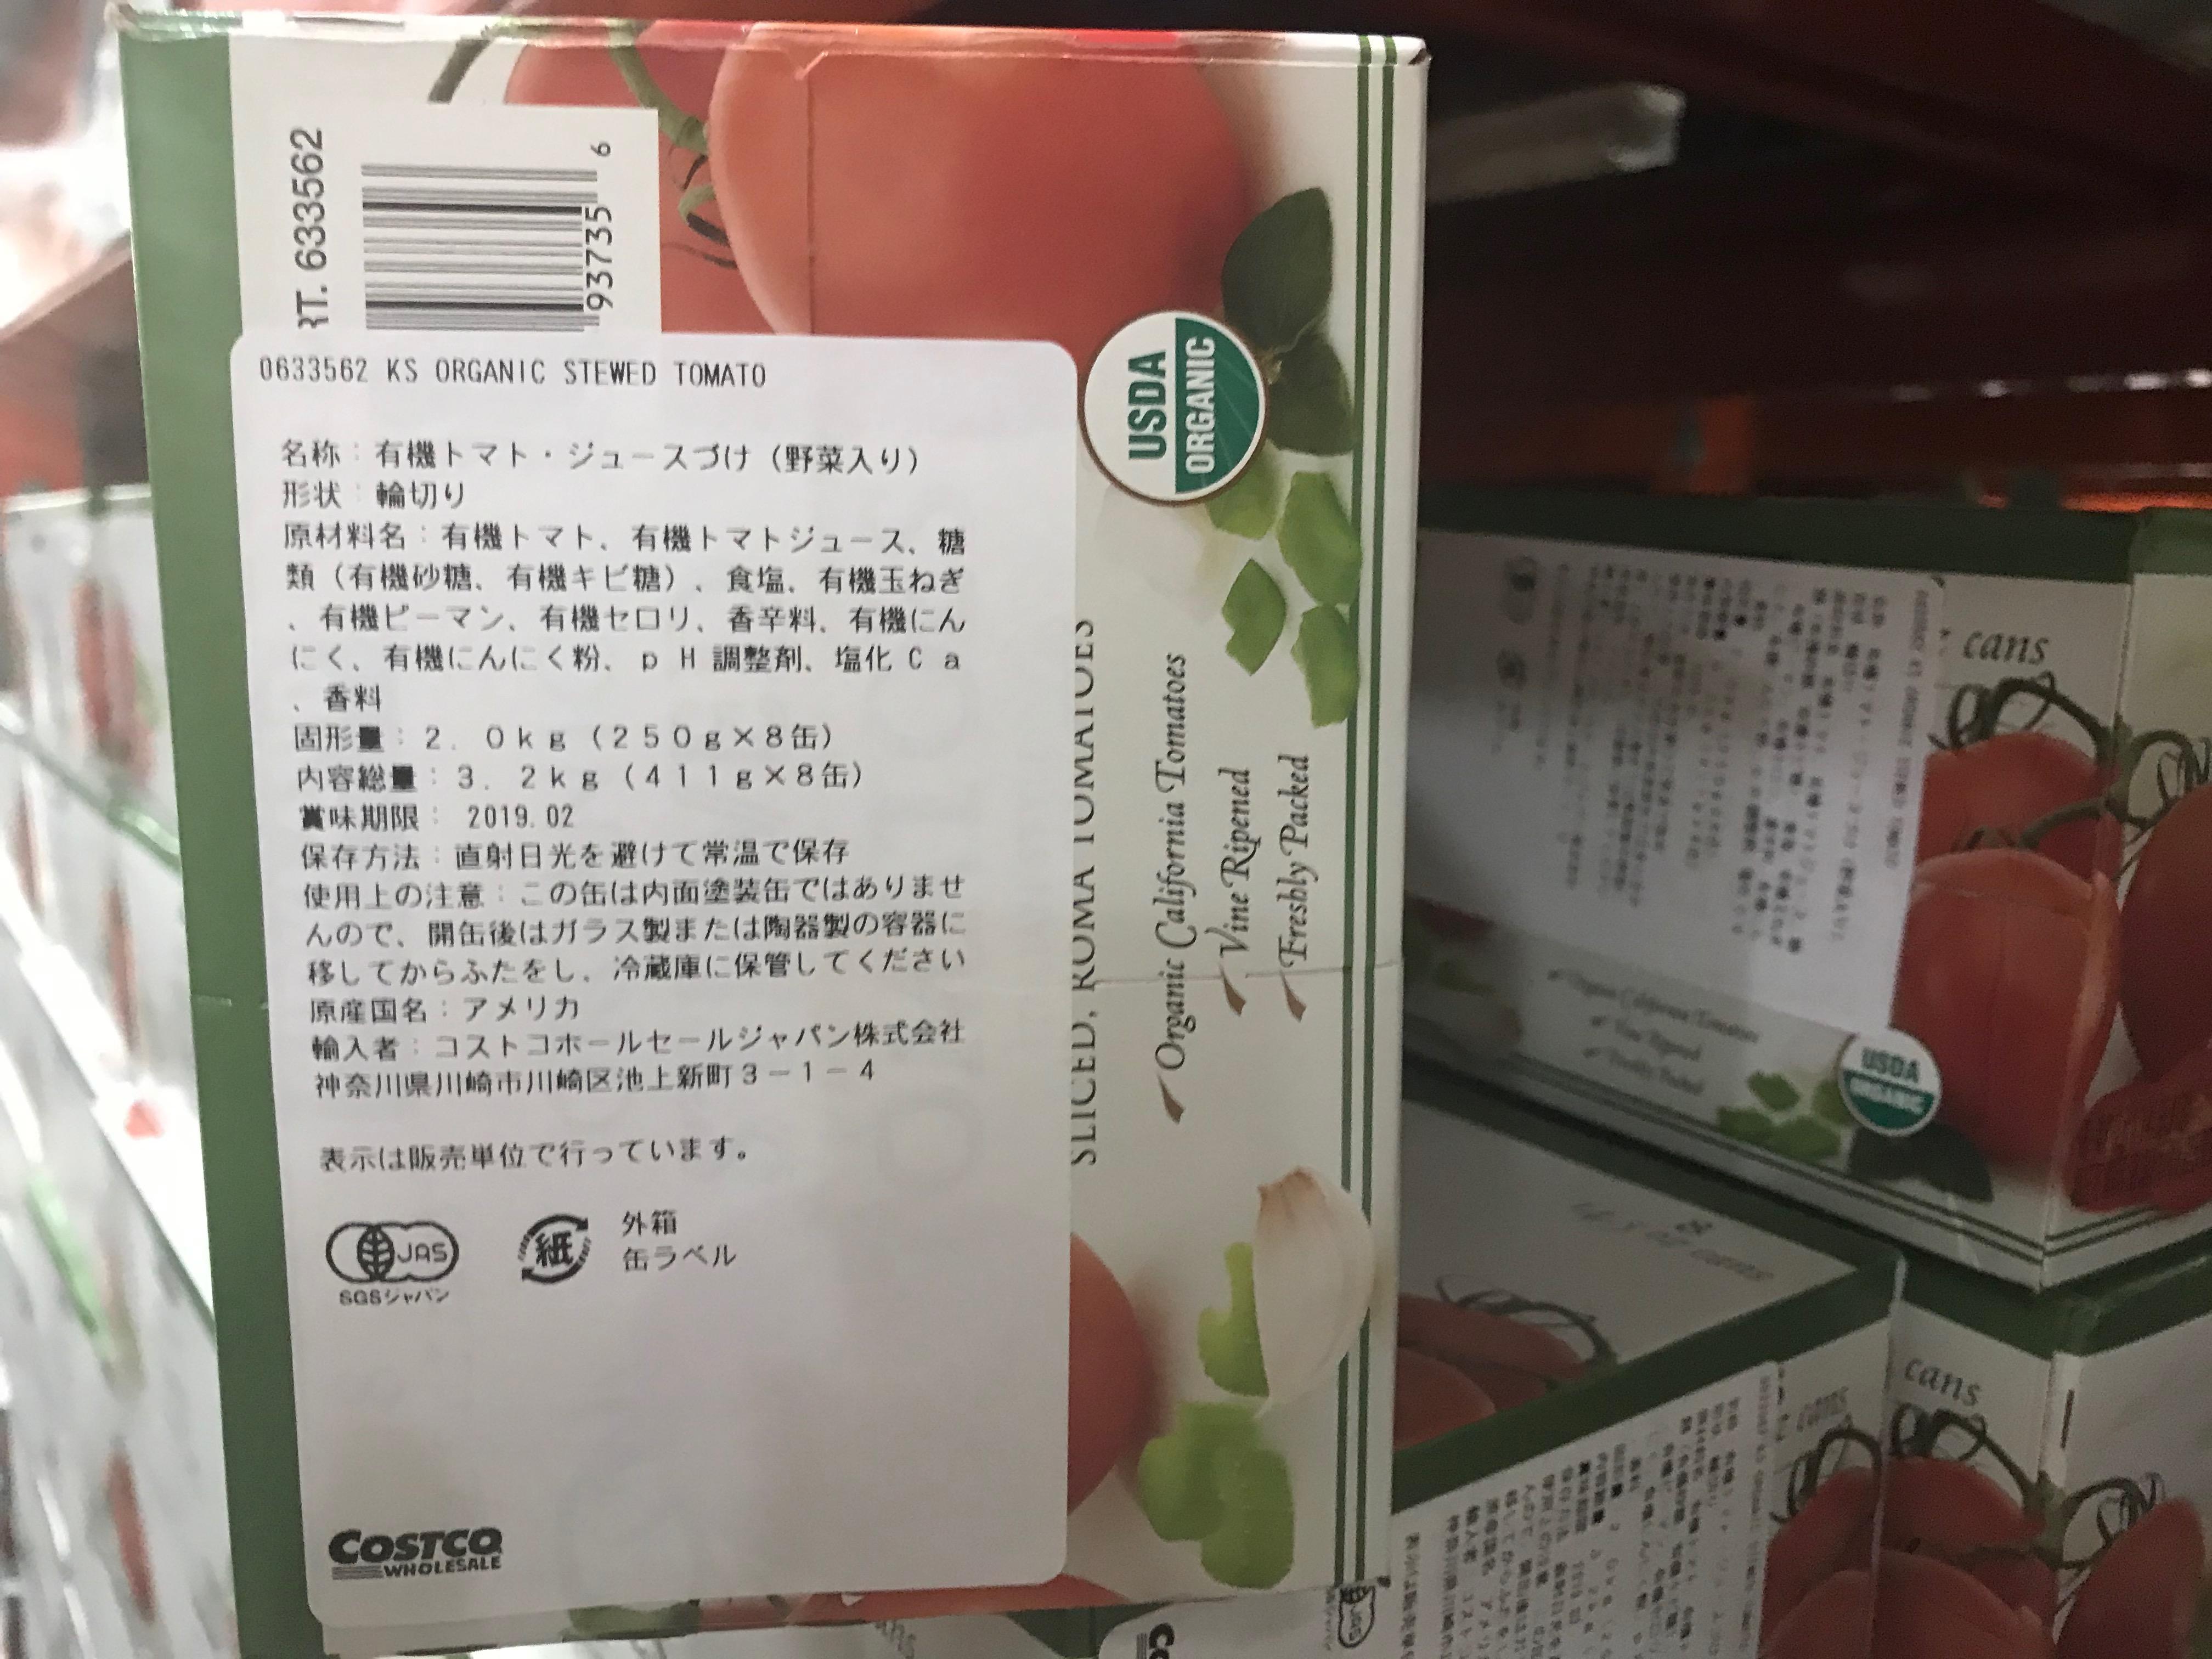 コストコ オーガニックスライストマト栄養